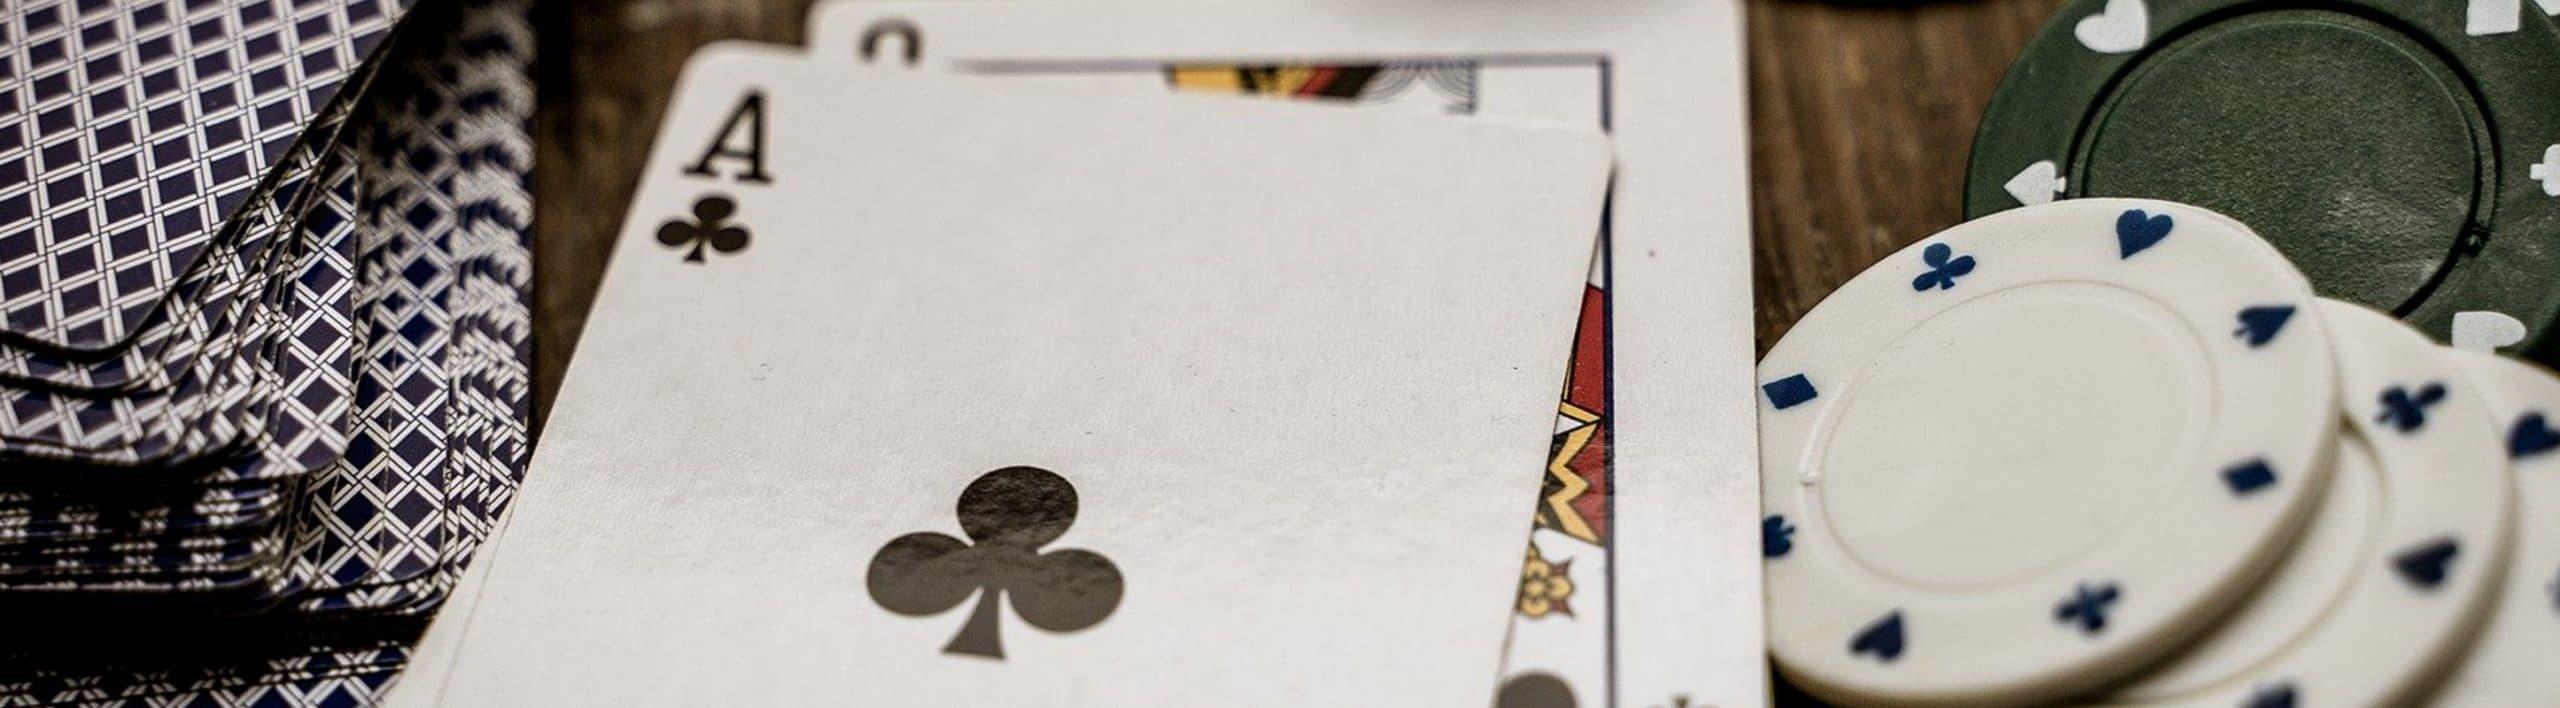 Kindred Group med kampanje for ansvarlig spilling - uke 1 Banner 01 - CasinoTopp